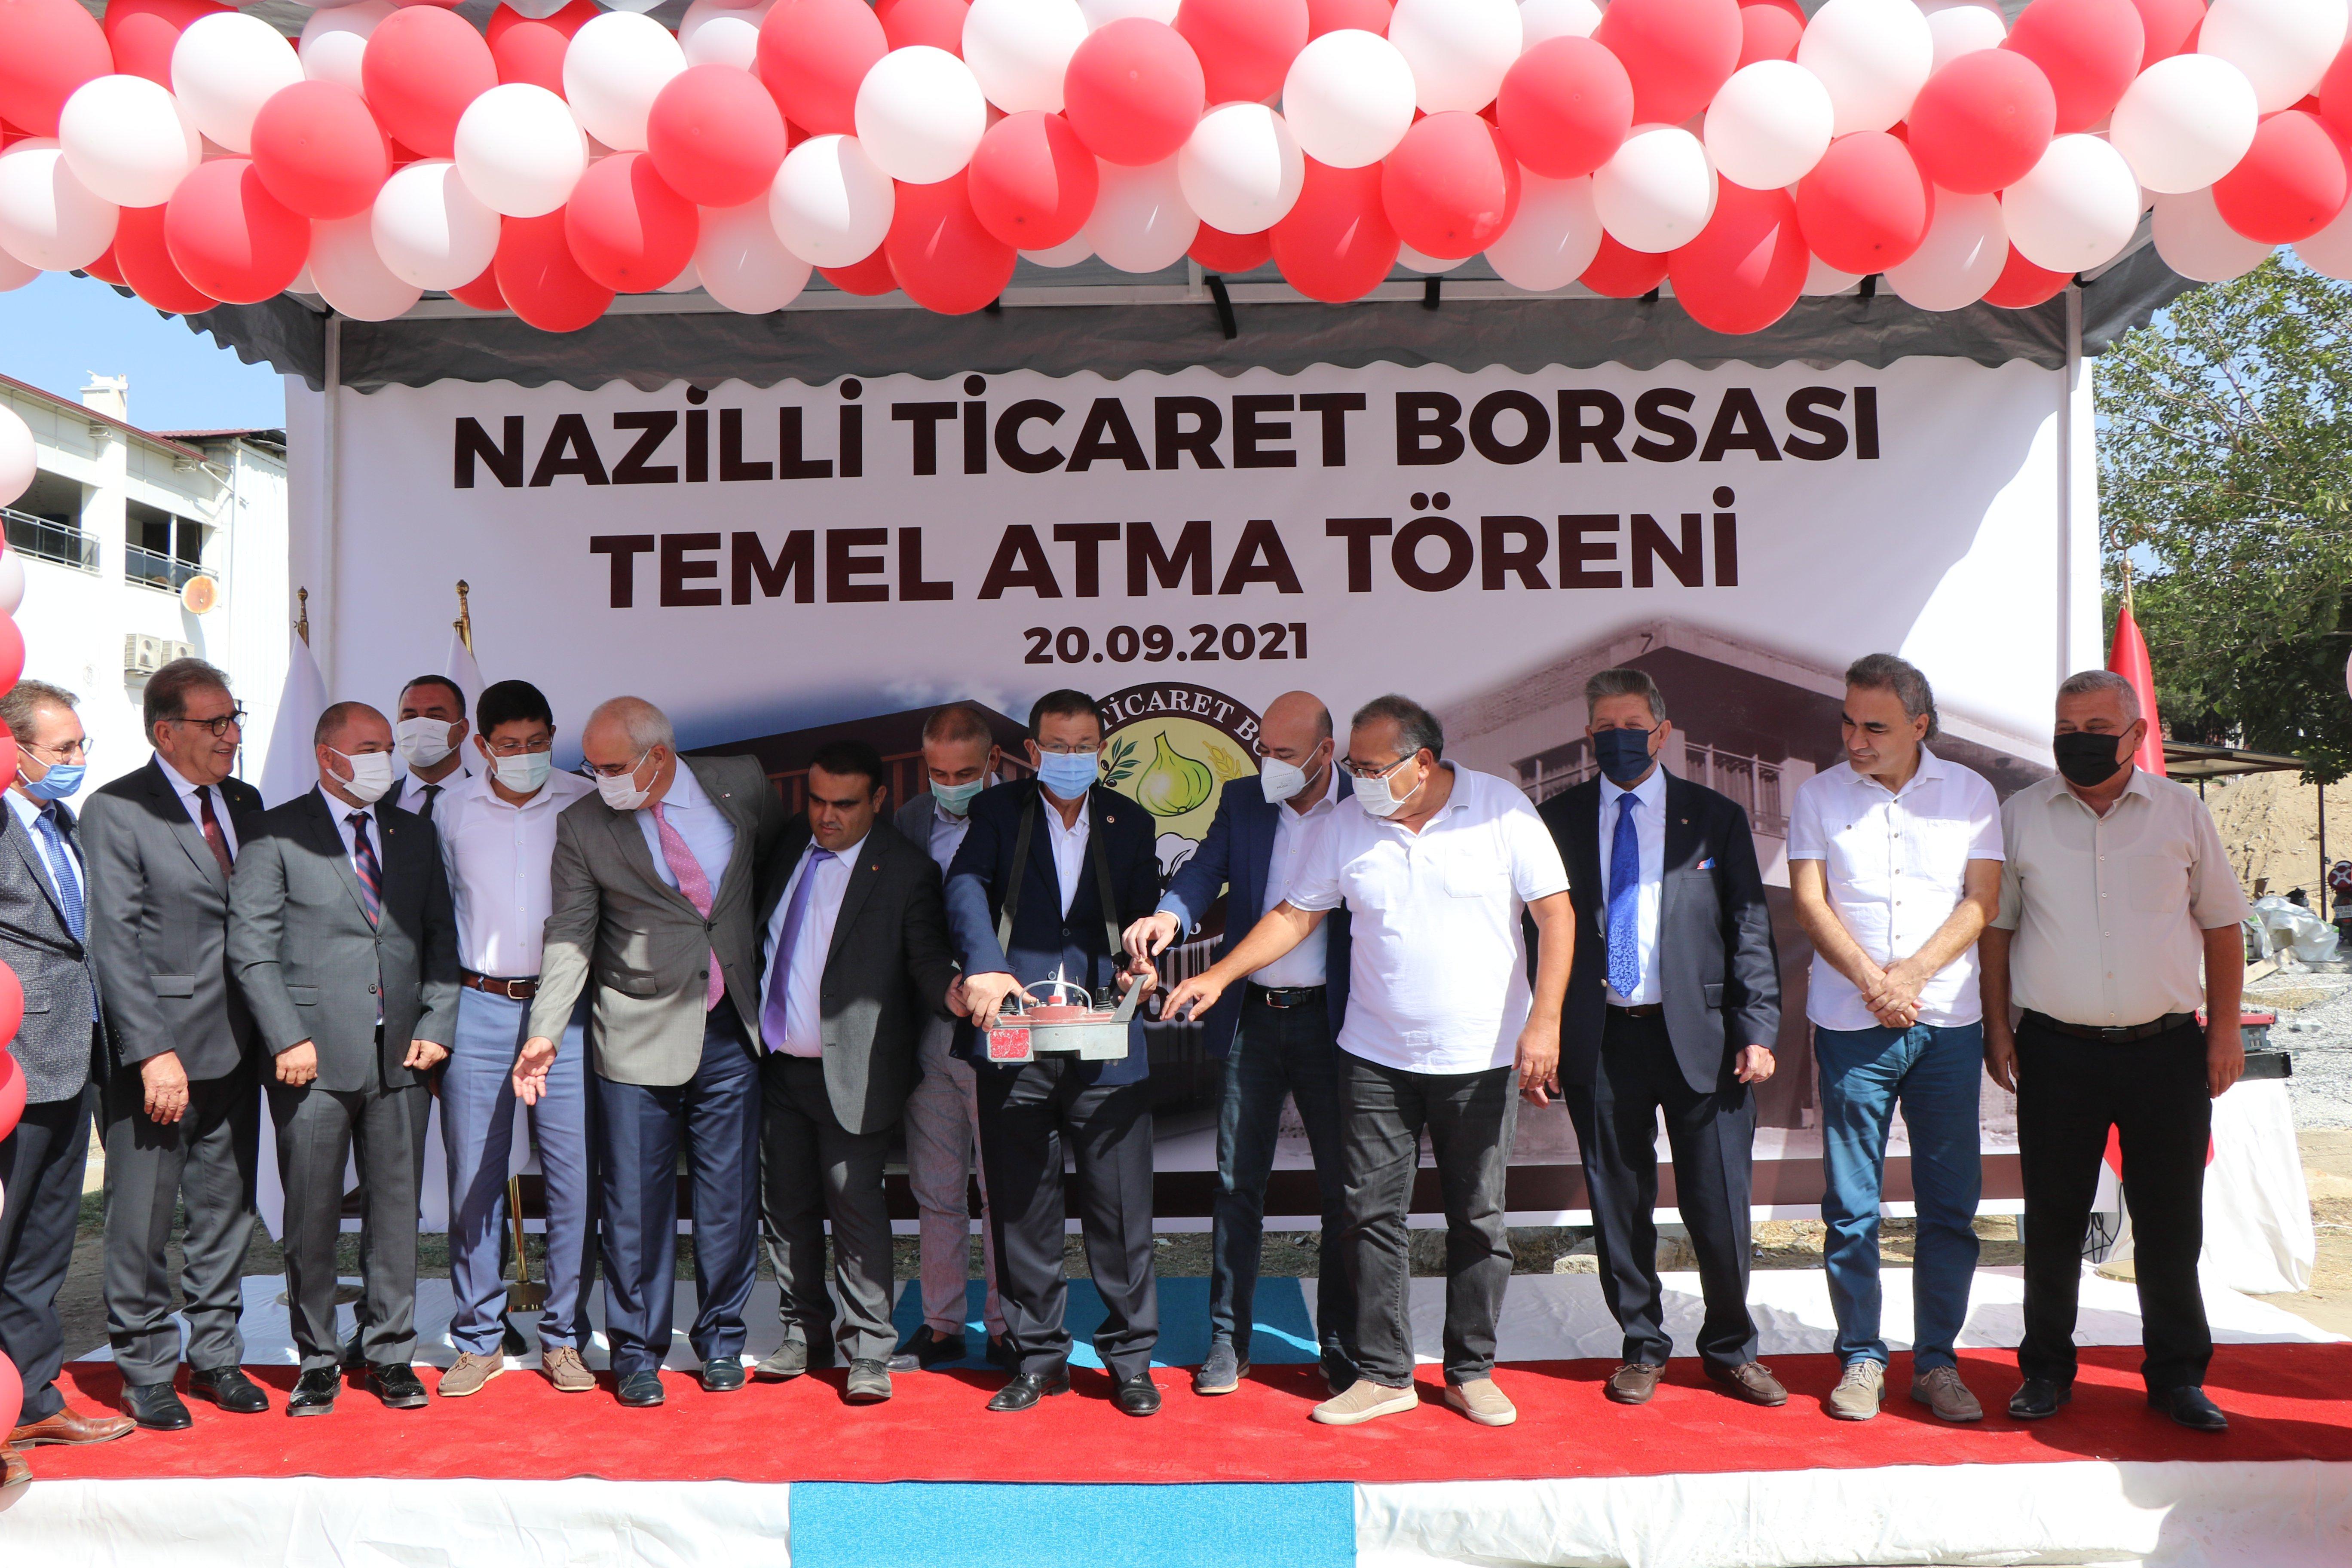 Nazilli Ticaret Borsası Yeni Hizmet Binası Temel Atma Töreni